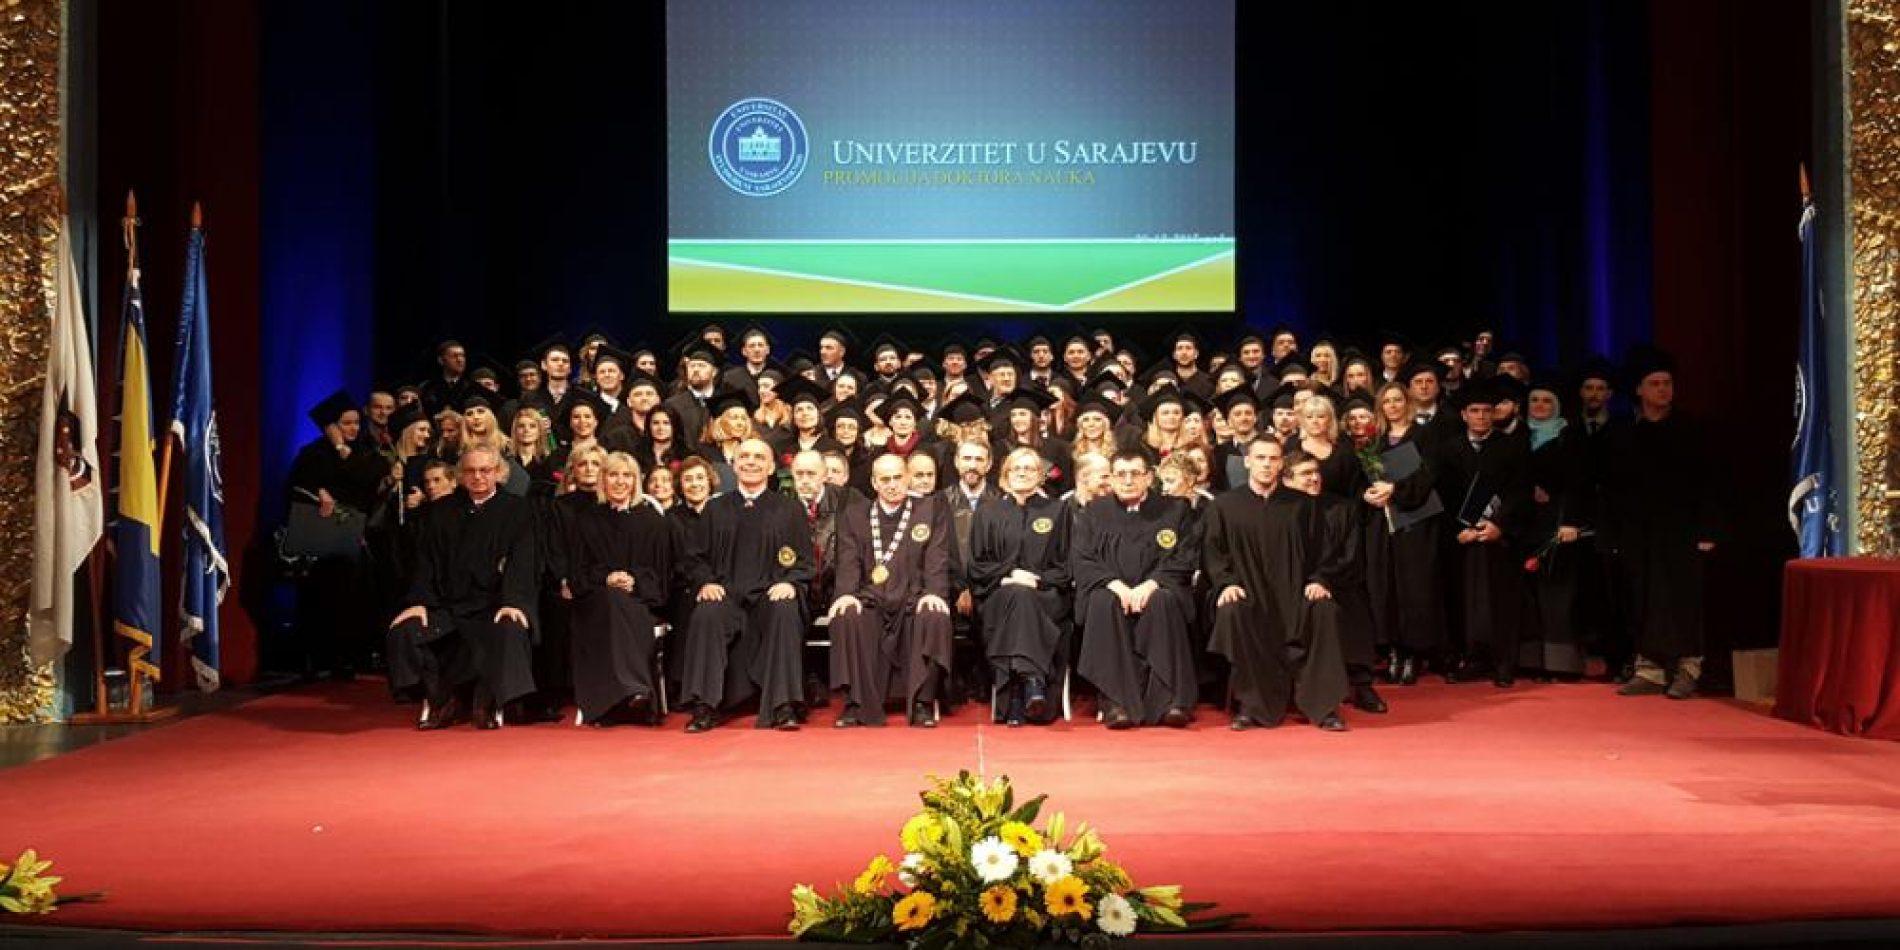 Na Univerzitetu u Sarajevu bit će zaposleno 150 mladih asistenata